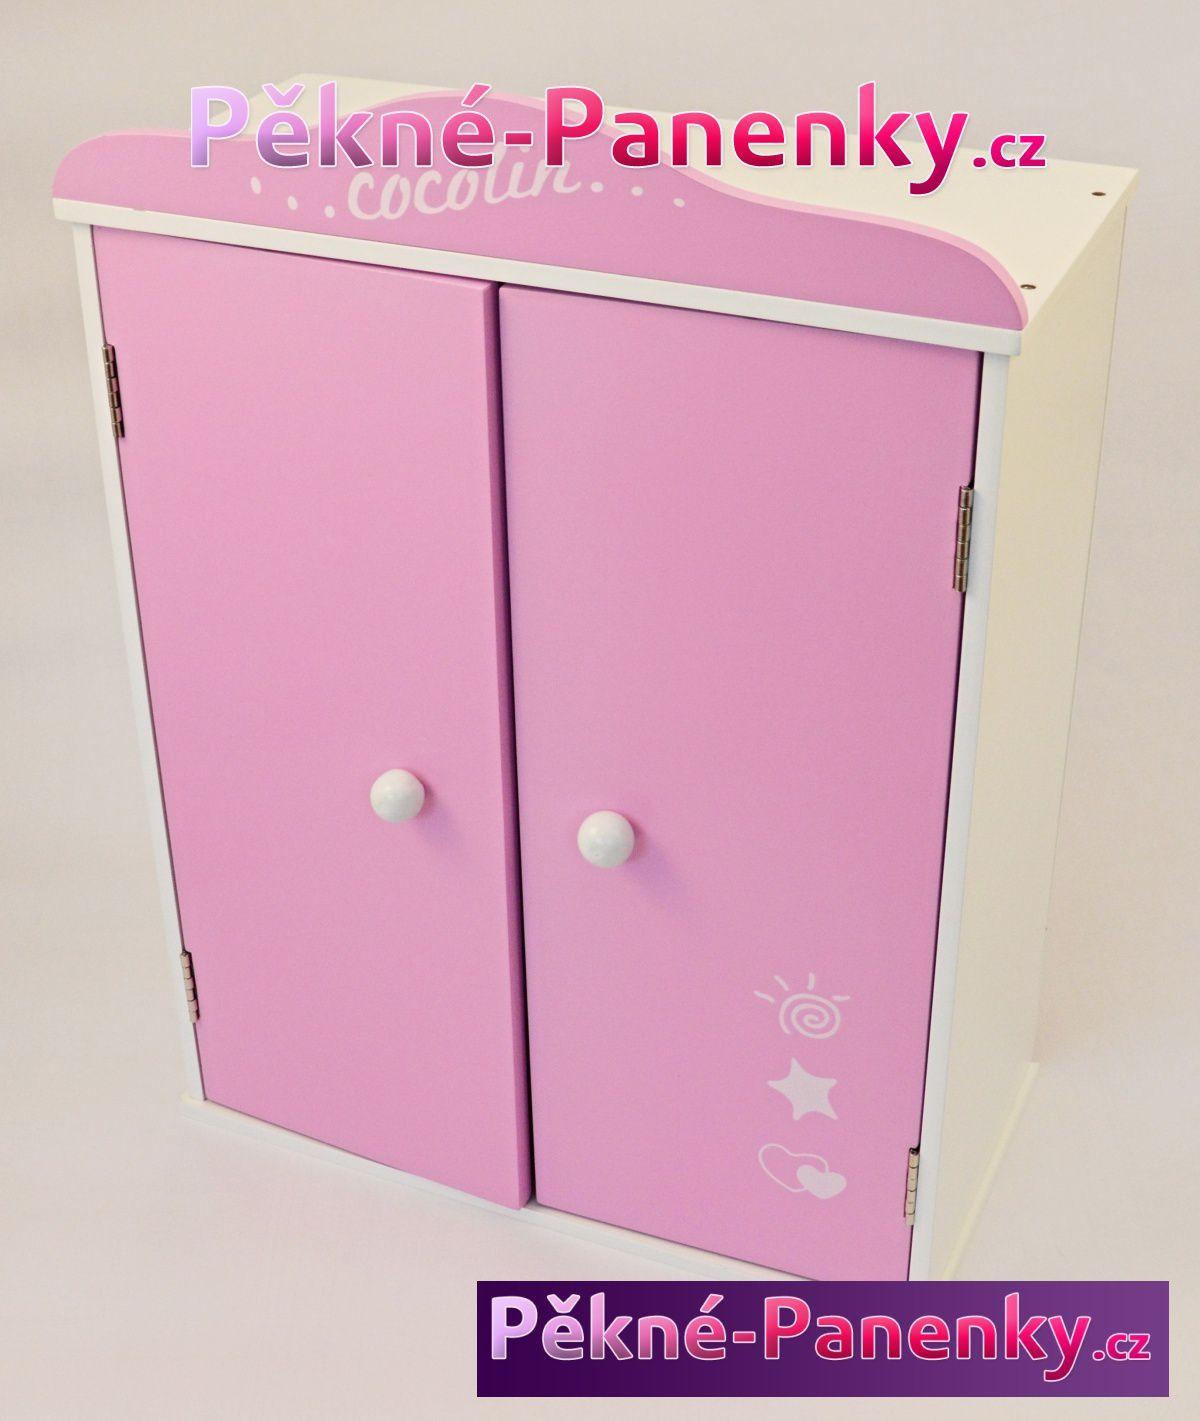 Arias nejlevnější skříň pro panenky, dřevěný nábytek pro panenky, hračky a dárky pro holčičky